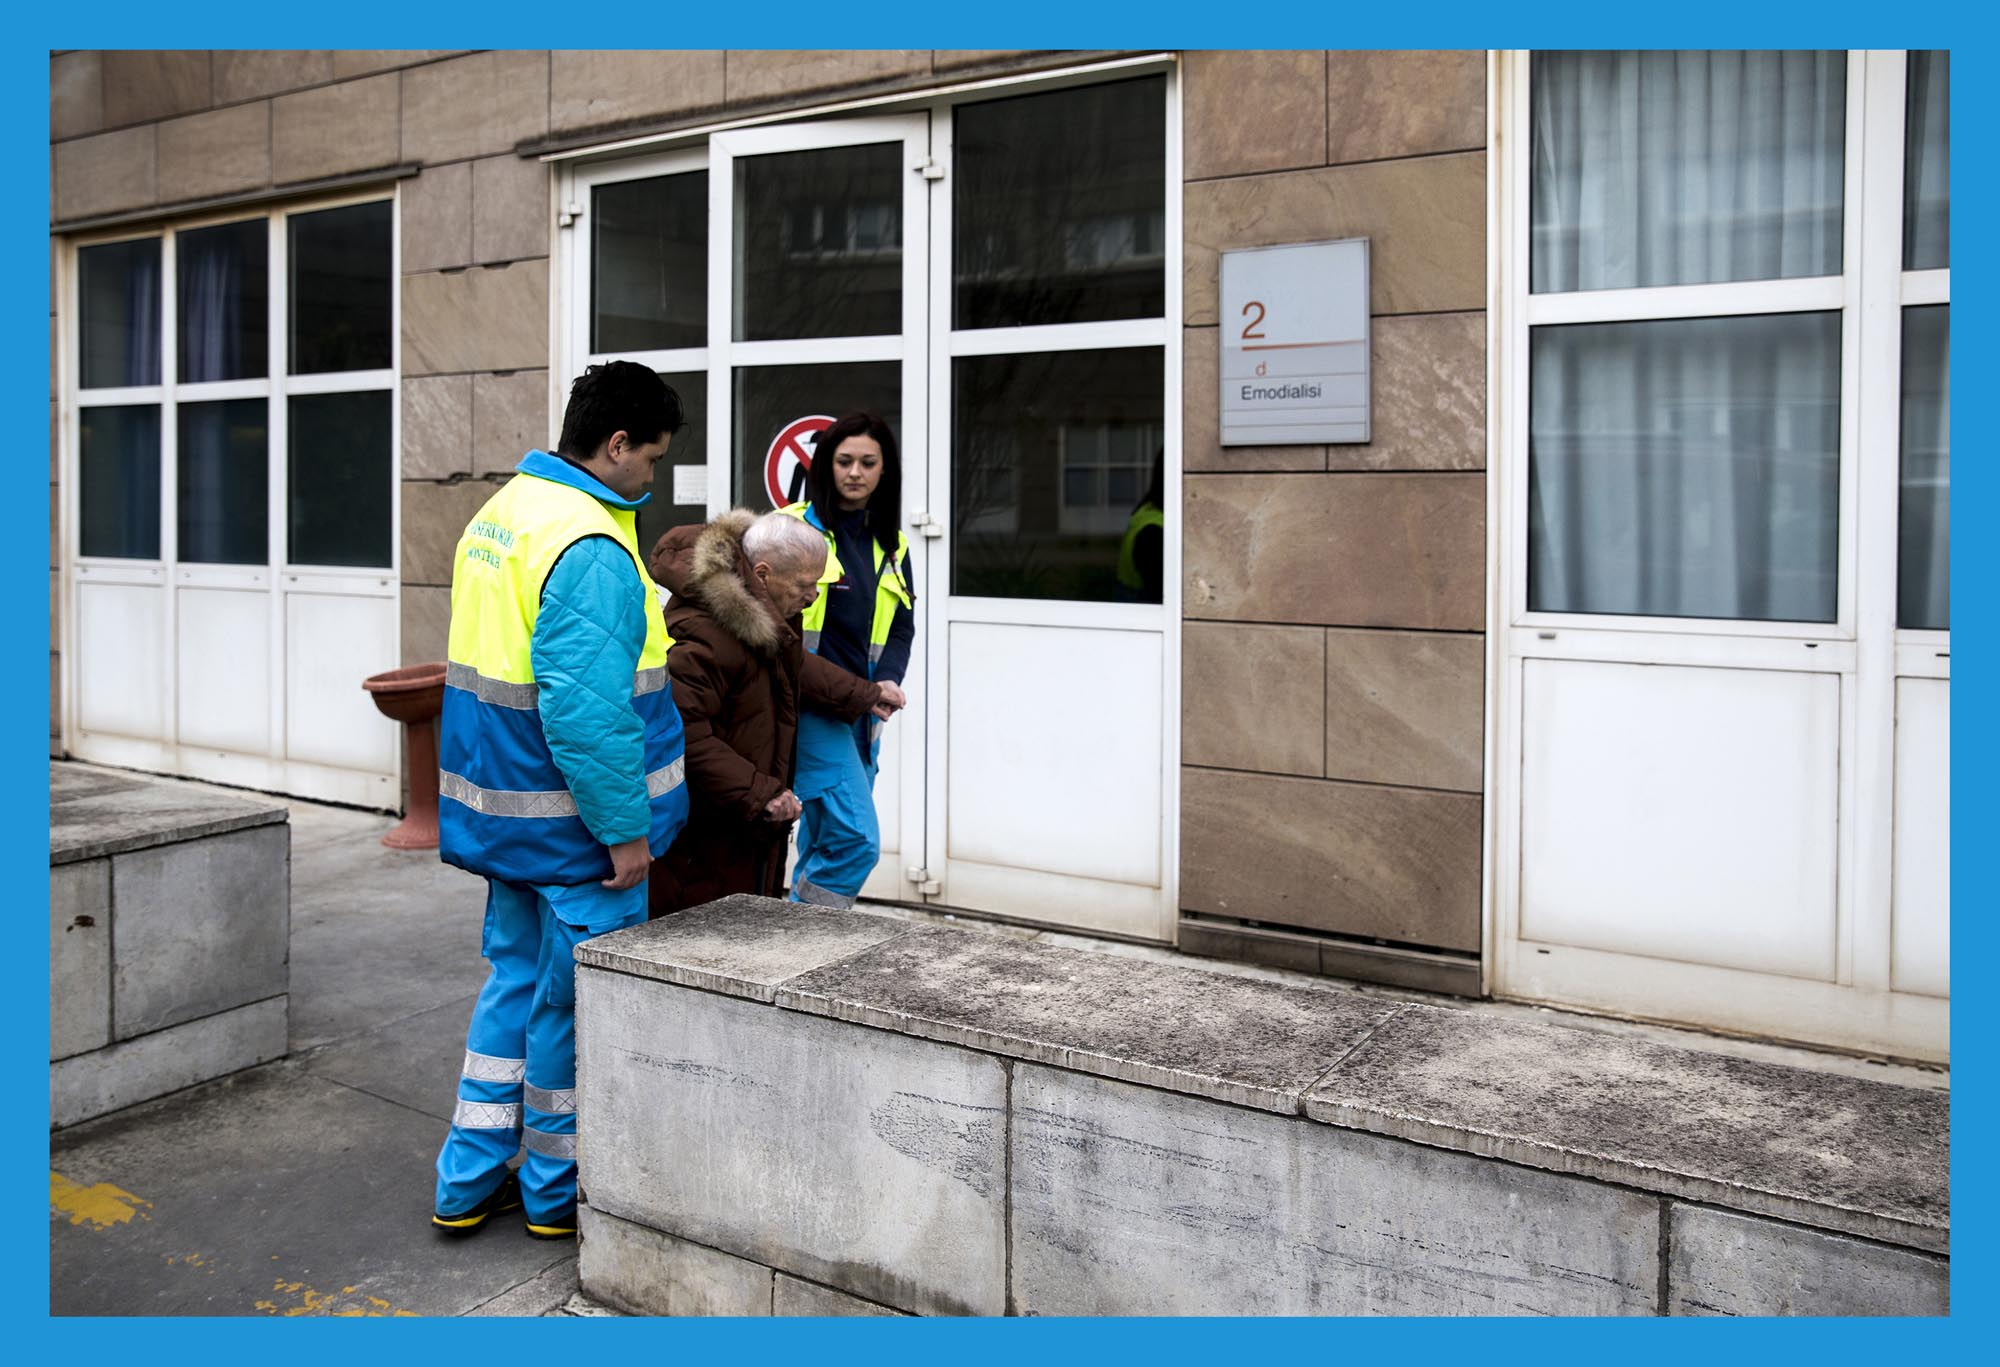 0188 Volontari settore socio sanitario 1 - Volontari AVO e della Misericordia, on the other side